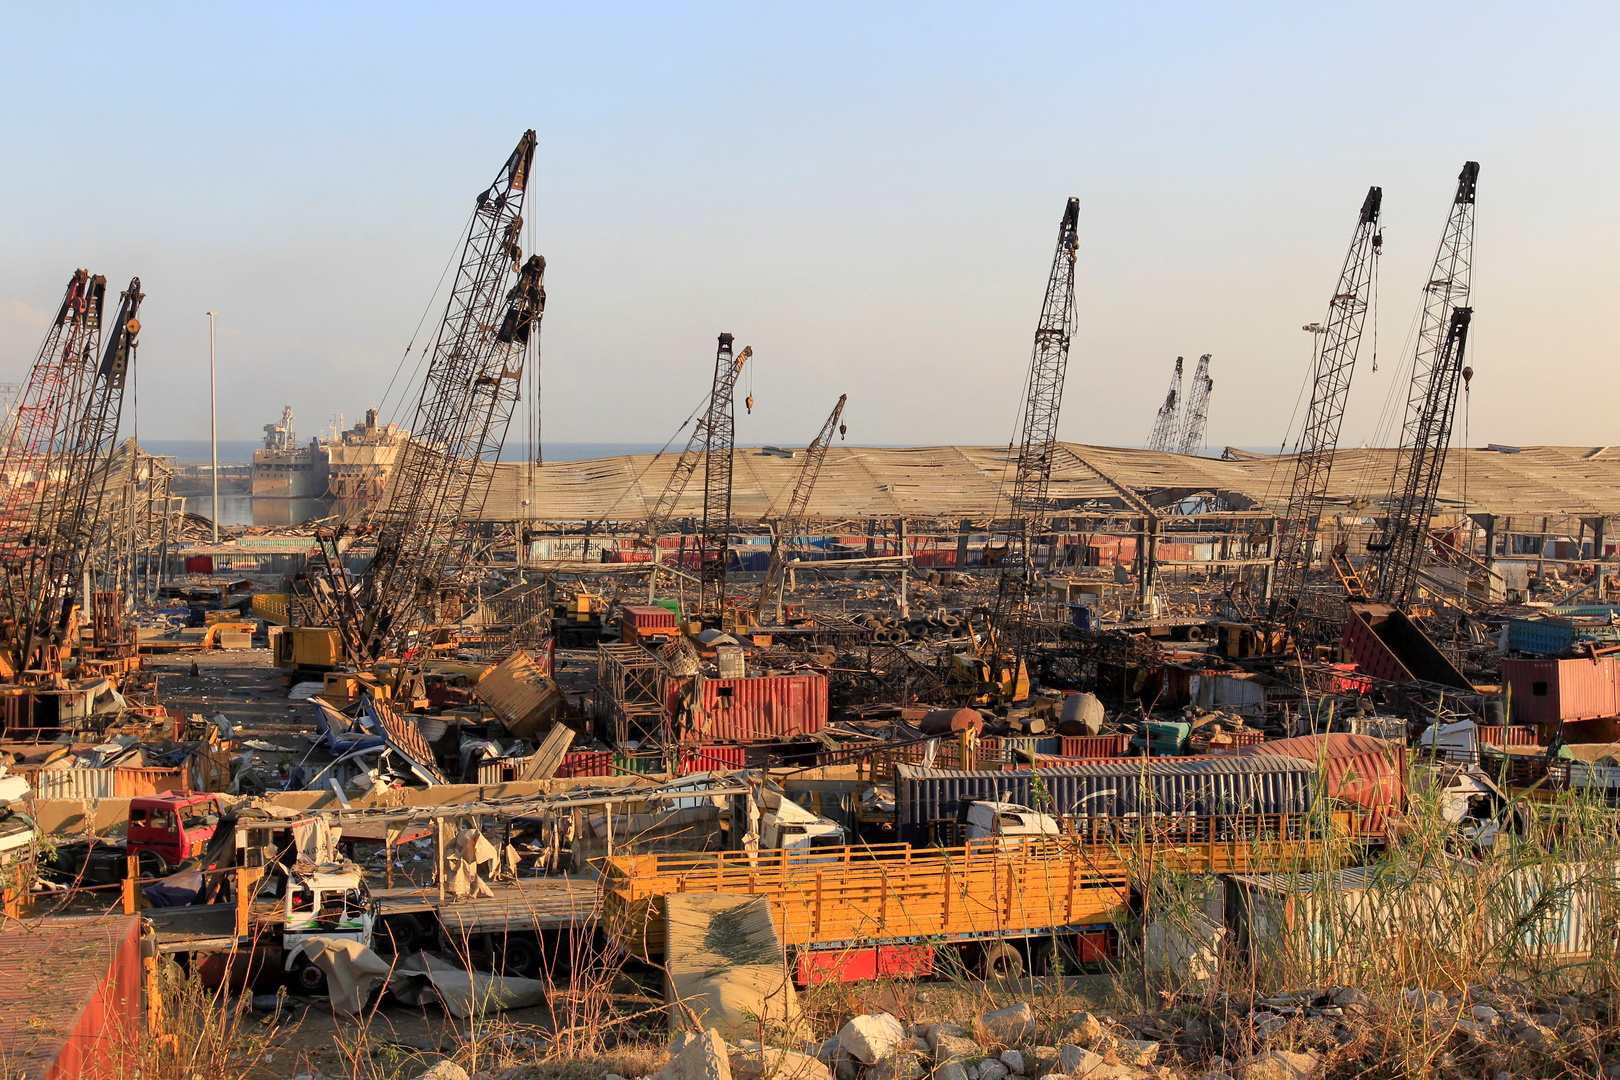 خبير اقتصادي: 80% من مرفأ بيروت تدمر